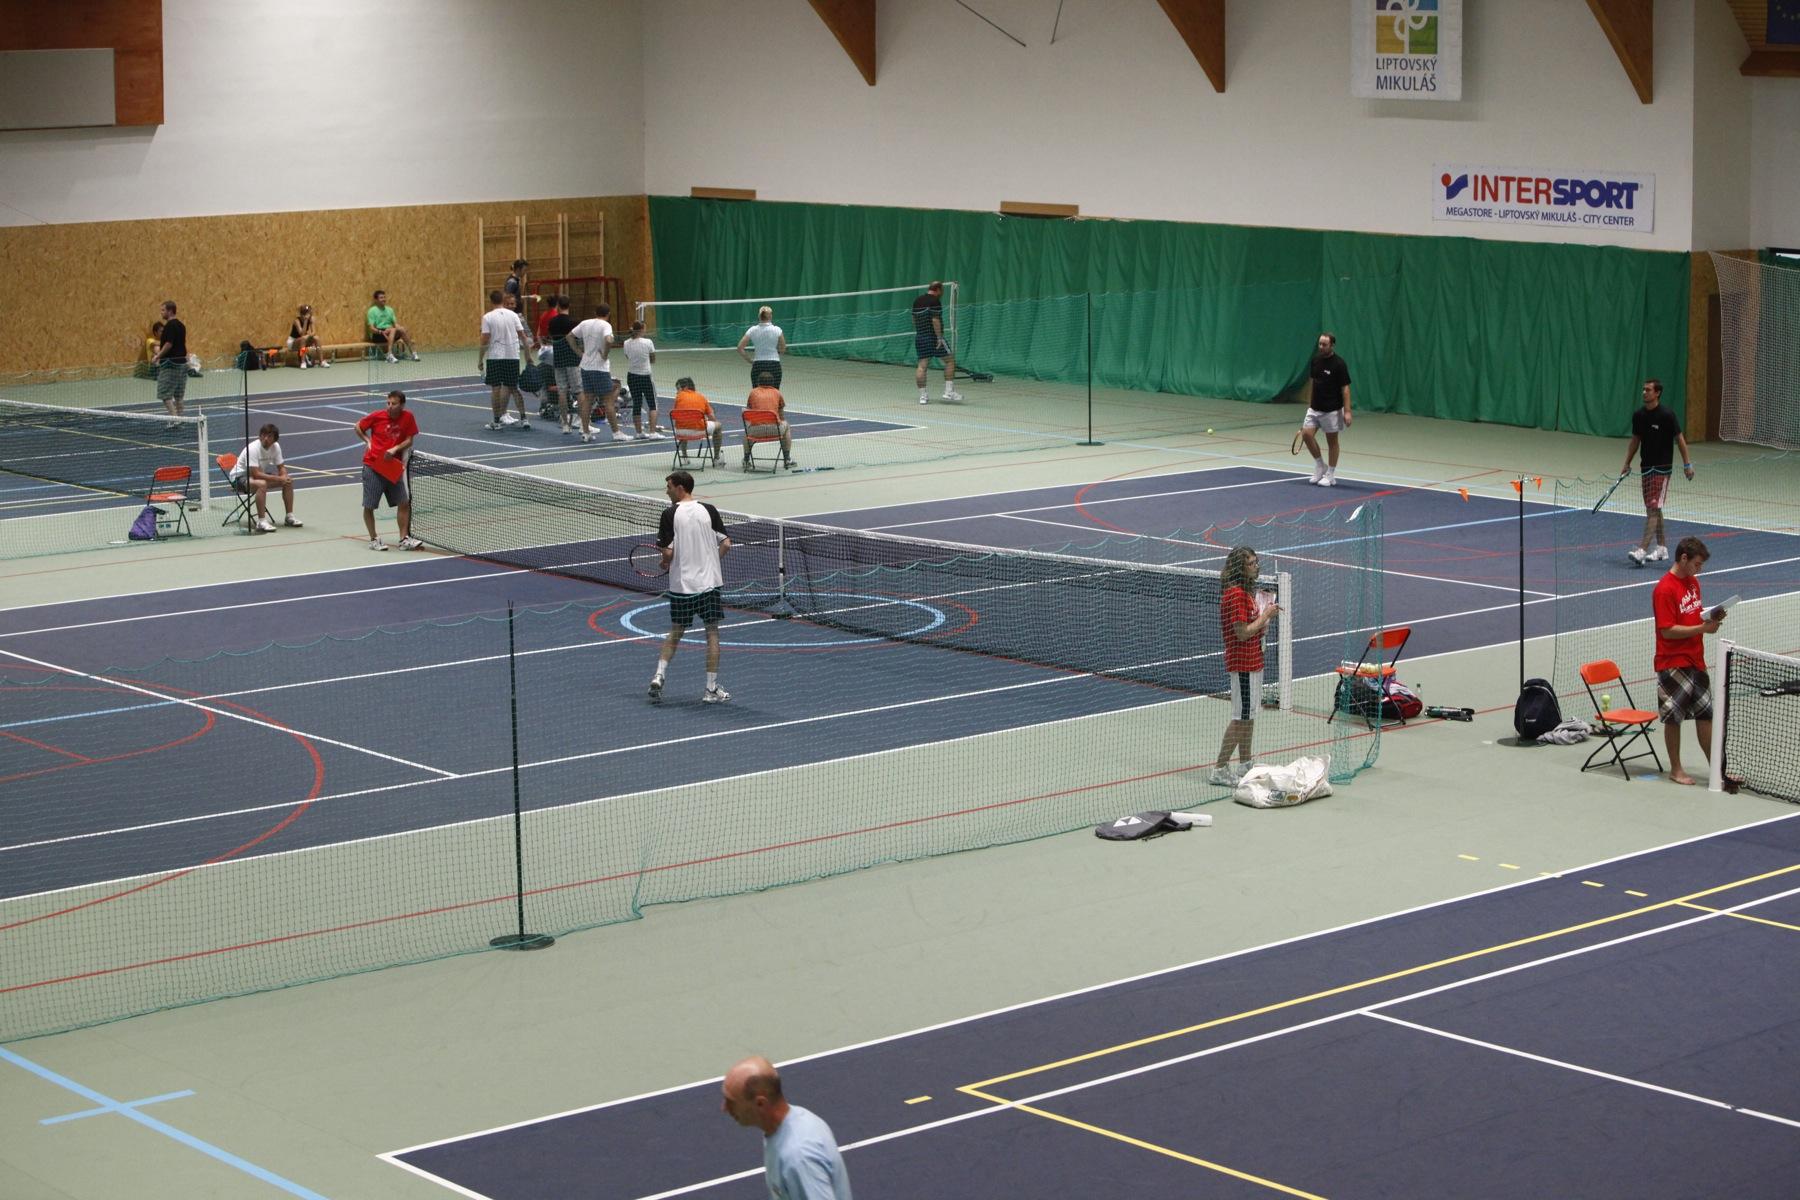 tenis_a_badminton.jpg